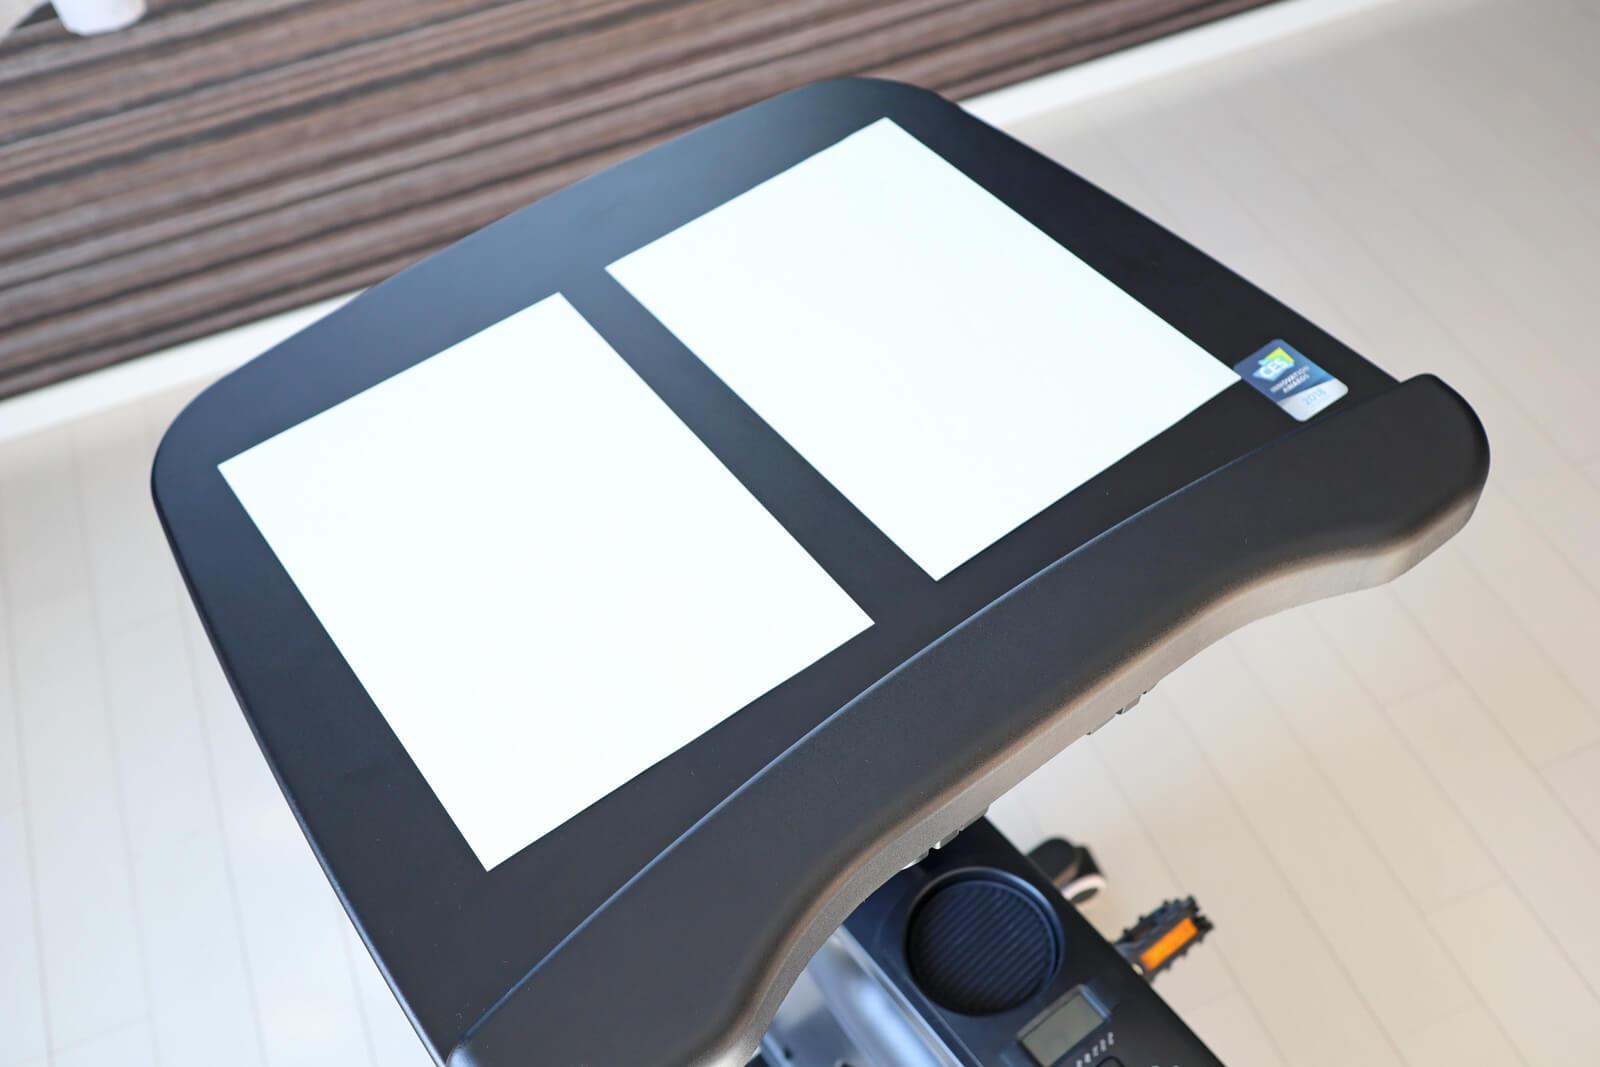 デスクはA4のノートを開けるくらい